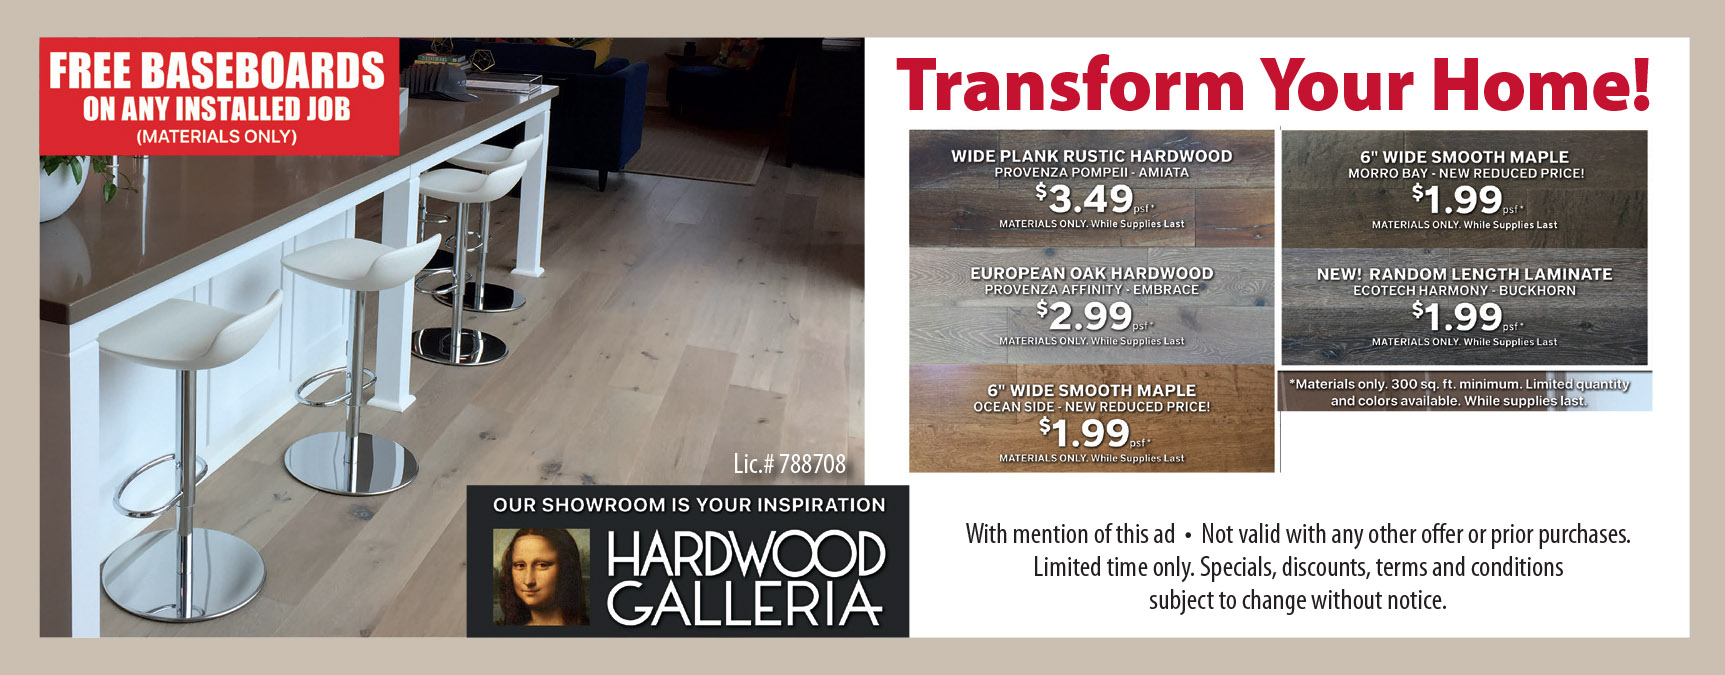 HardwoodG_Offer_Reg-2_05-18.jpg